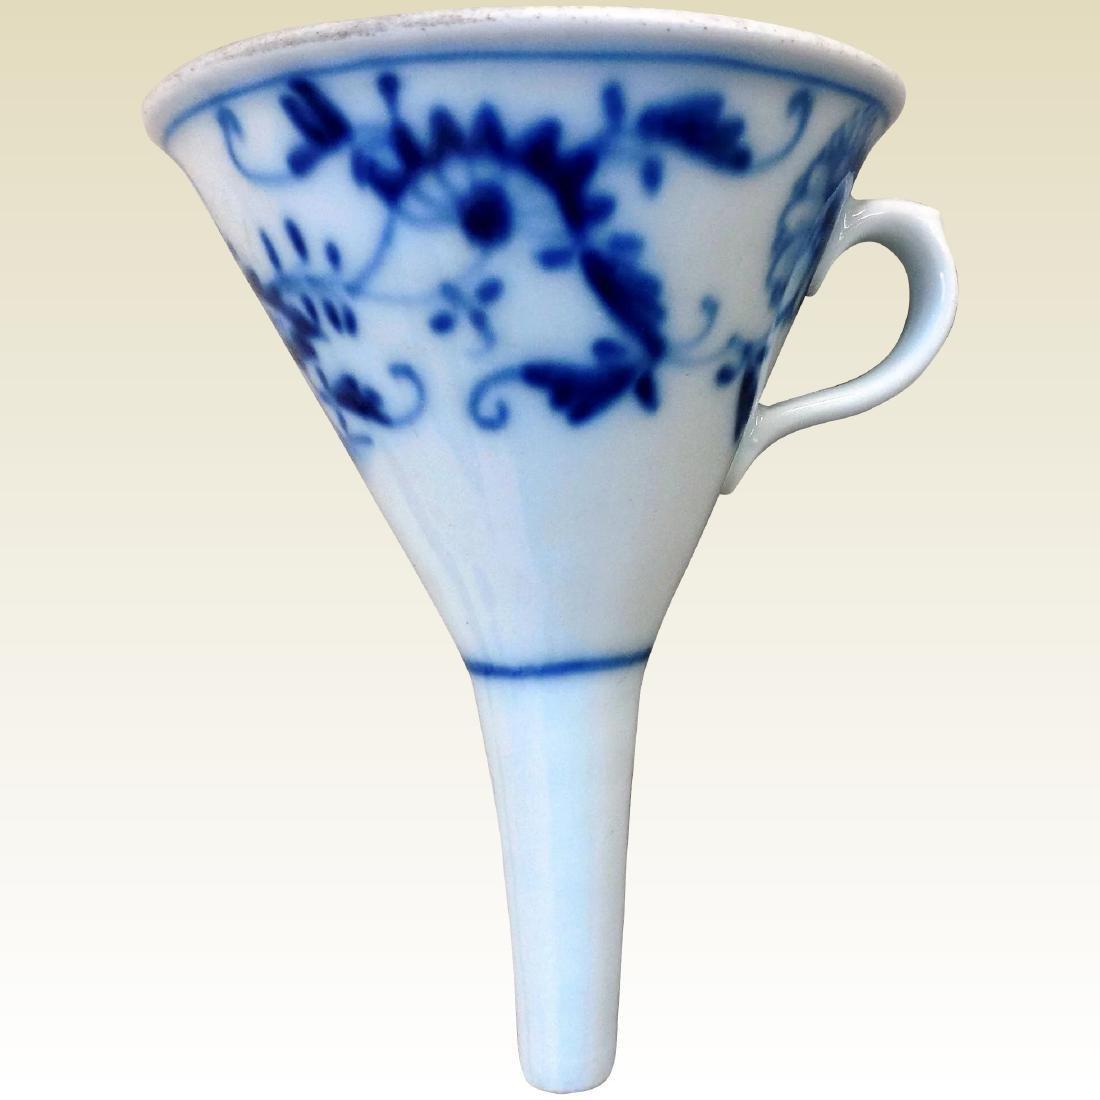 Antique Blue Onion Porcelain Funnel